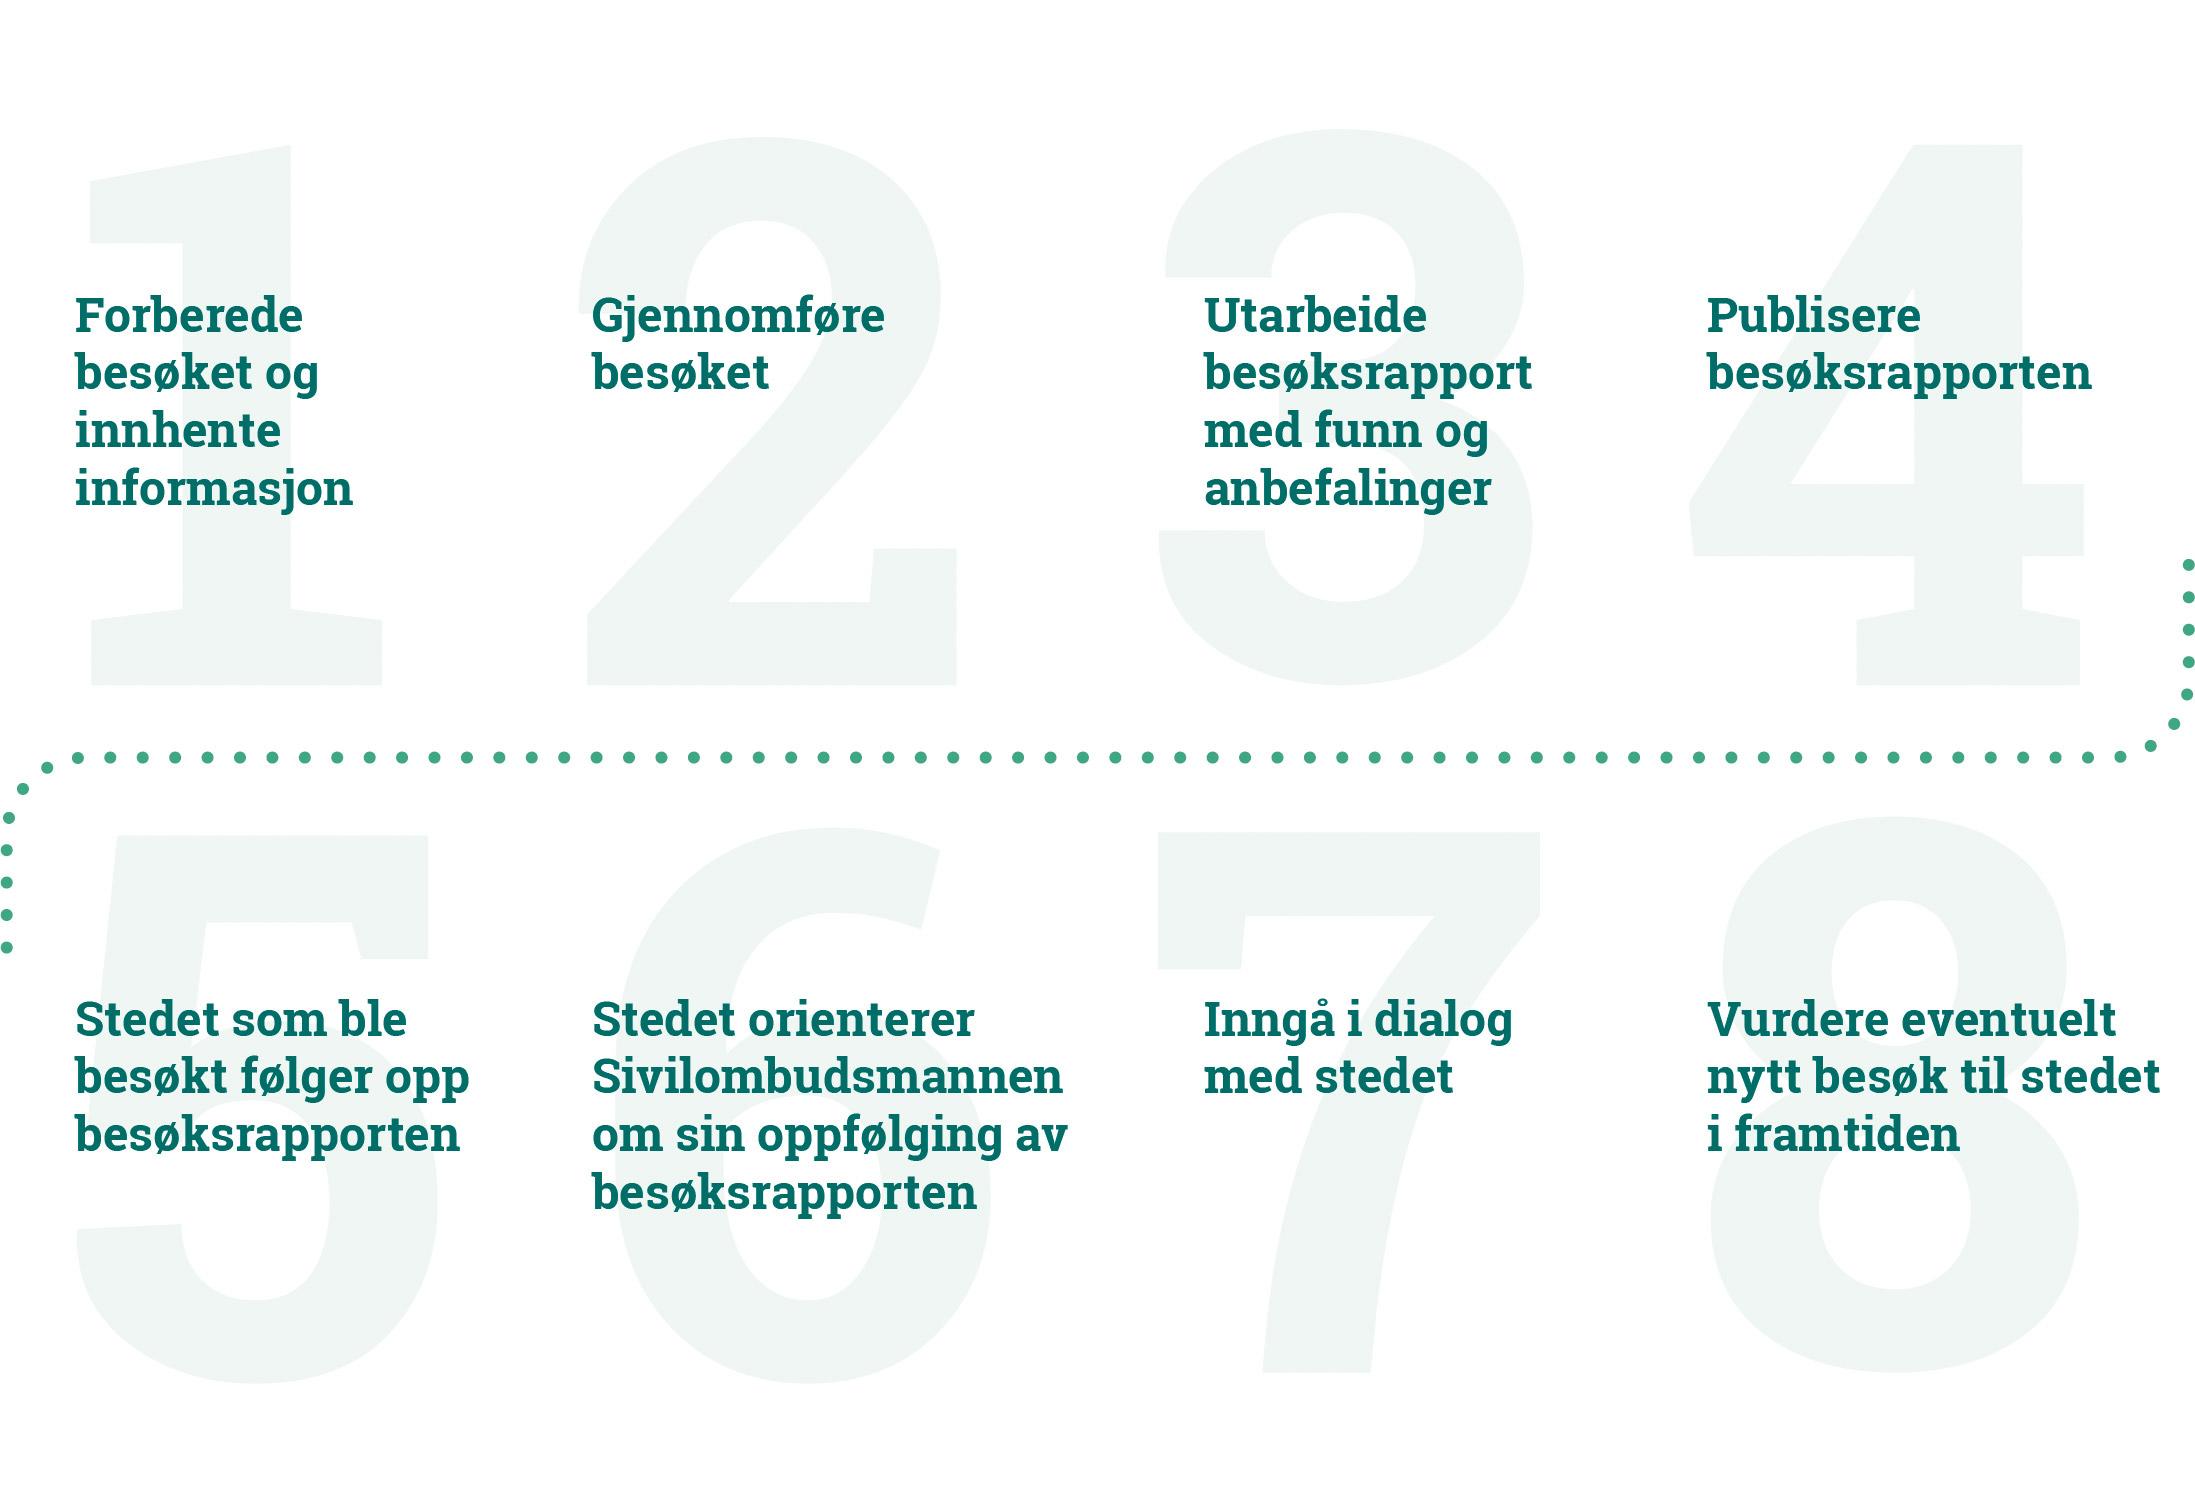 Infografikk som beskriver 8 faser av Sivilombudsmannens besøk: 1:Forberede besøket og innhente informasjon, 2:Gjennomføre besøket, 3:Utarbeide besøksrapport med funn og anbefalinger, 4:Publisere besøksrapporten, 5:Stedet som ble besøkt følger opp besøksrapporten, 6:Stedet orienterer Sivilombudsmannen om sin oppfølging av besøksrapporten, 7:Inngå dialog med stedet, 8:Vurdere eventuelt nytt besøk til stedet i fremtiden.